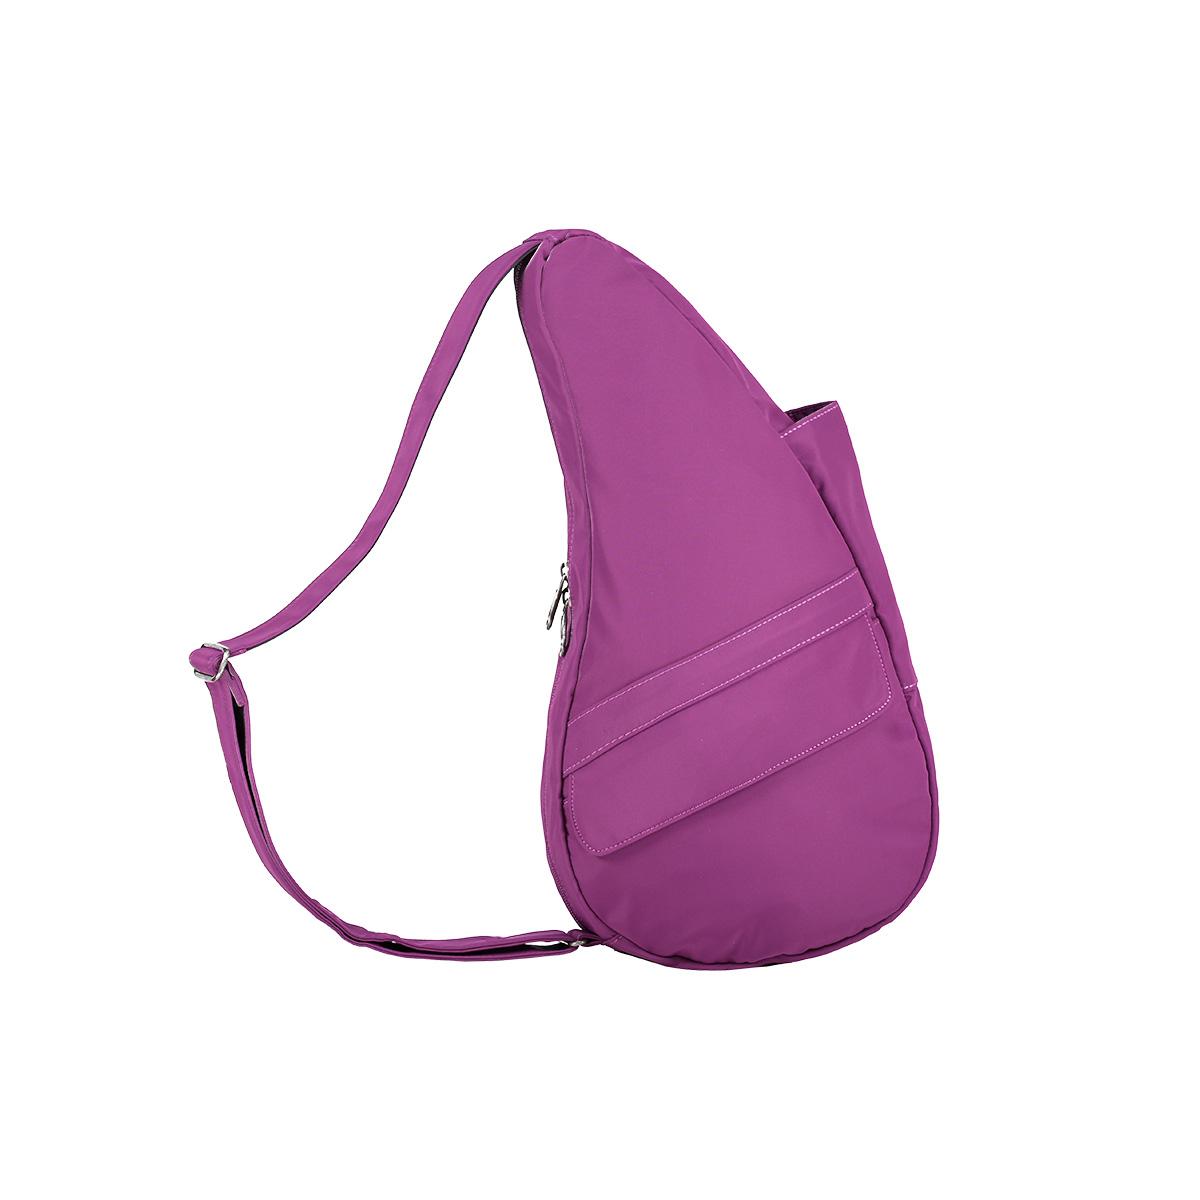 Healthy Back Bag/ヘルシーバックバッグ/ショルダーバッグ/ボディバッグ/旅行バッグ/軽量/レディース/メンズ 公式ストア ヘルシーバックバッグ マイクロファイバー Sサイズ7303 マルベリー